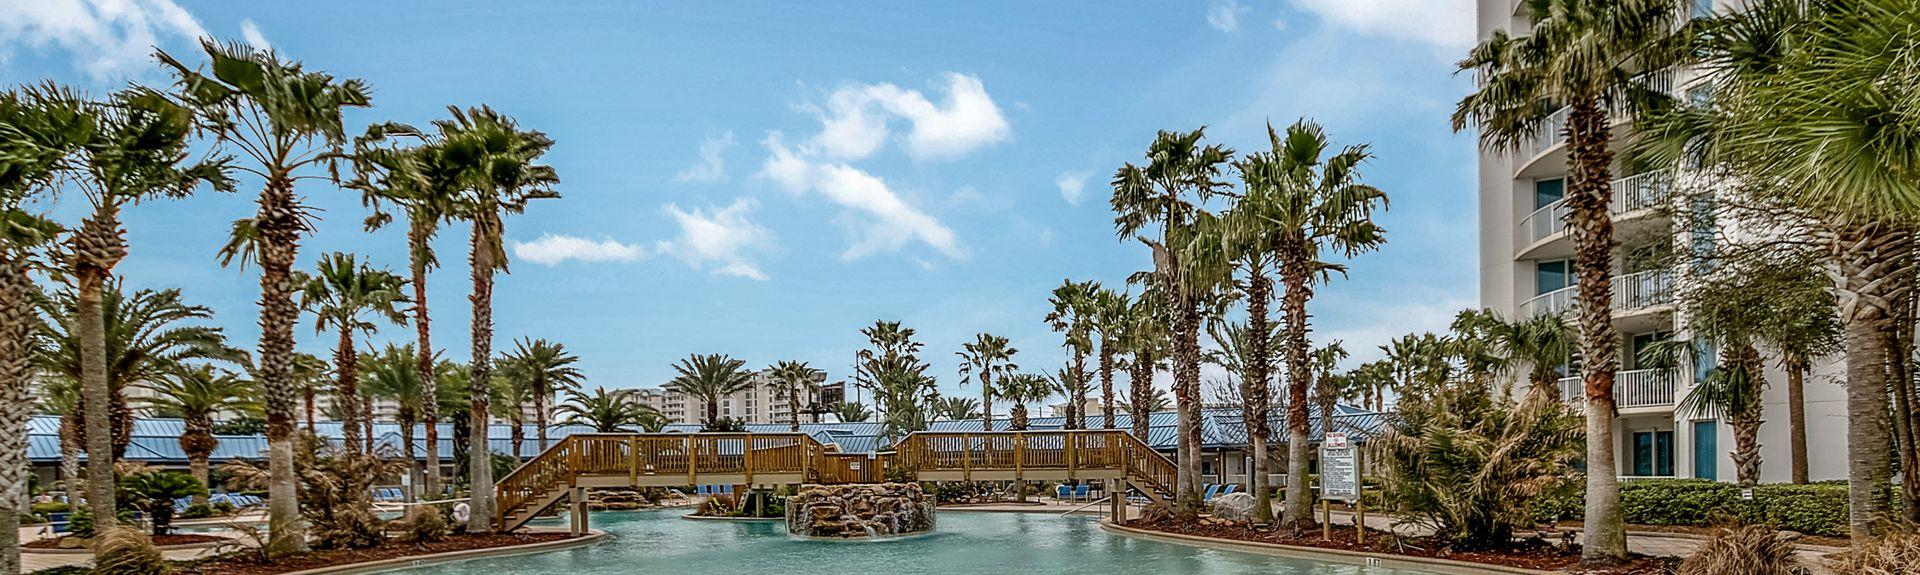 Palms of Destin, Destin, FL, USA